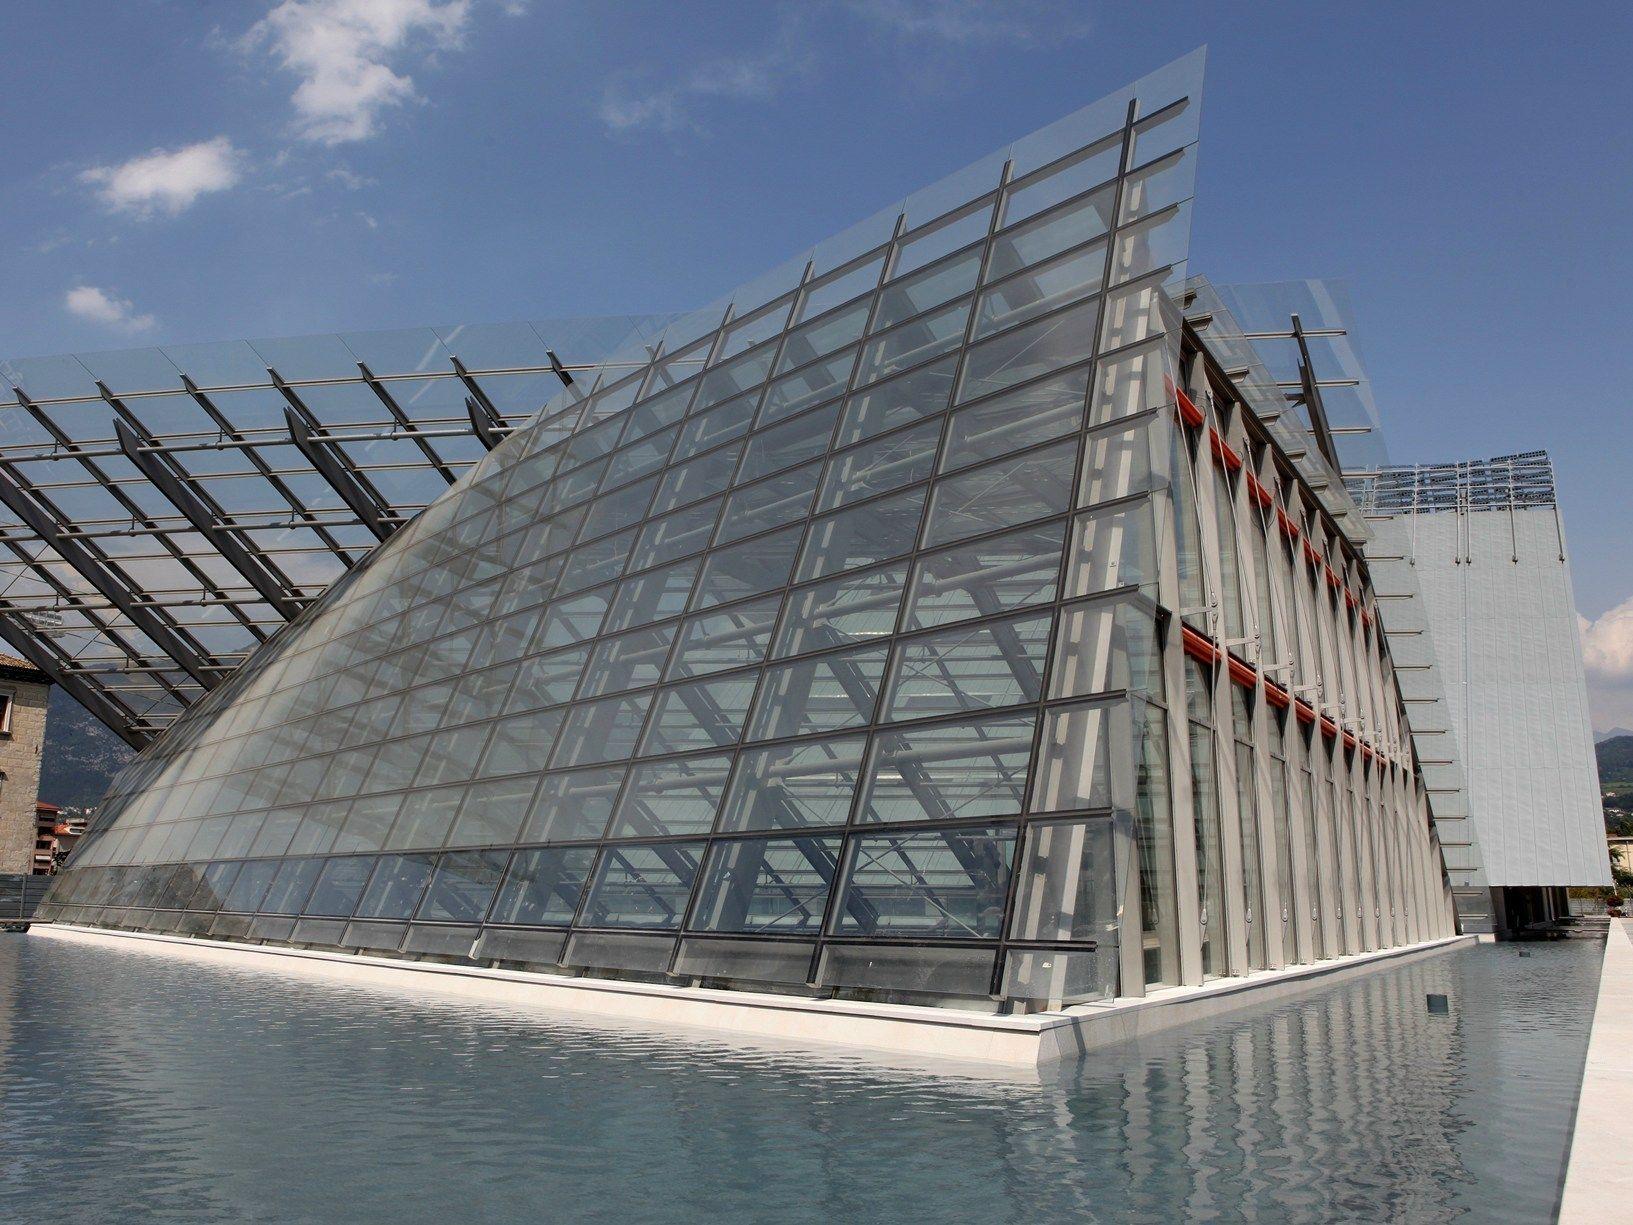 Trento inaugura il muse la 39 montagna 39 di renzo piano for Progetti di renzo piano